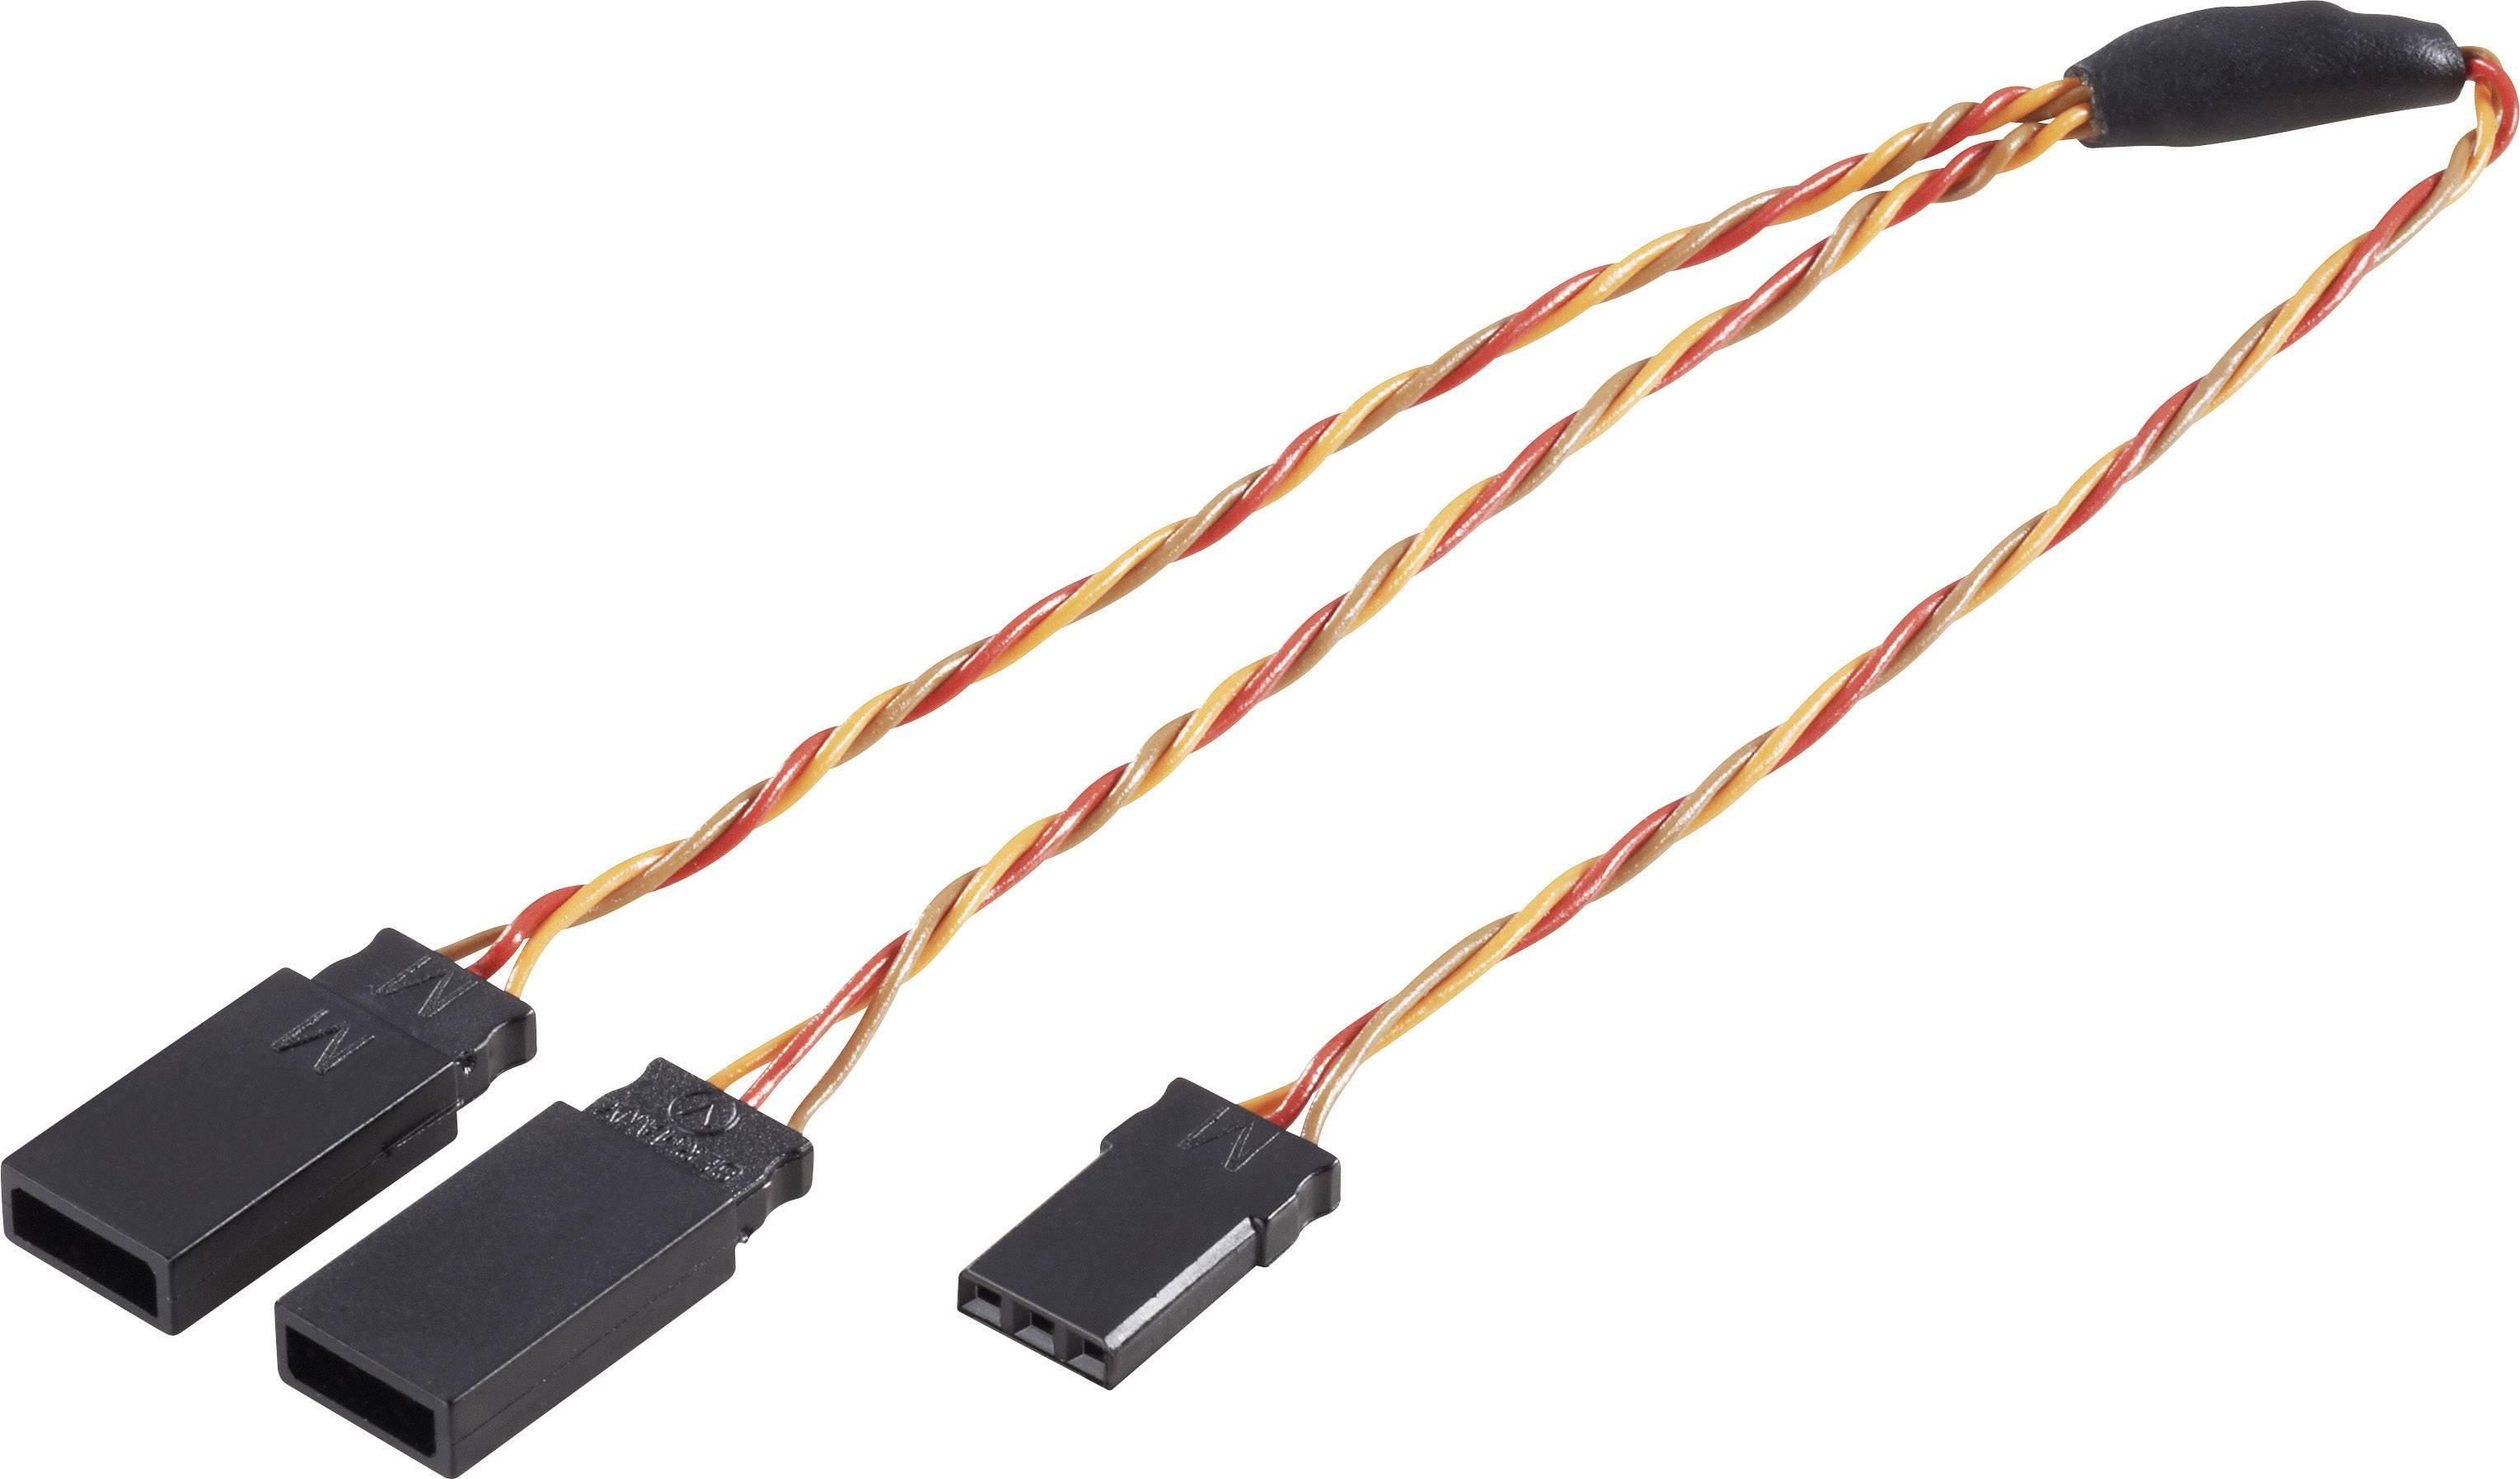 Y kabel Modelcraft, konektor JR, 30 cm, 0,50 mm²